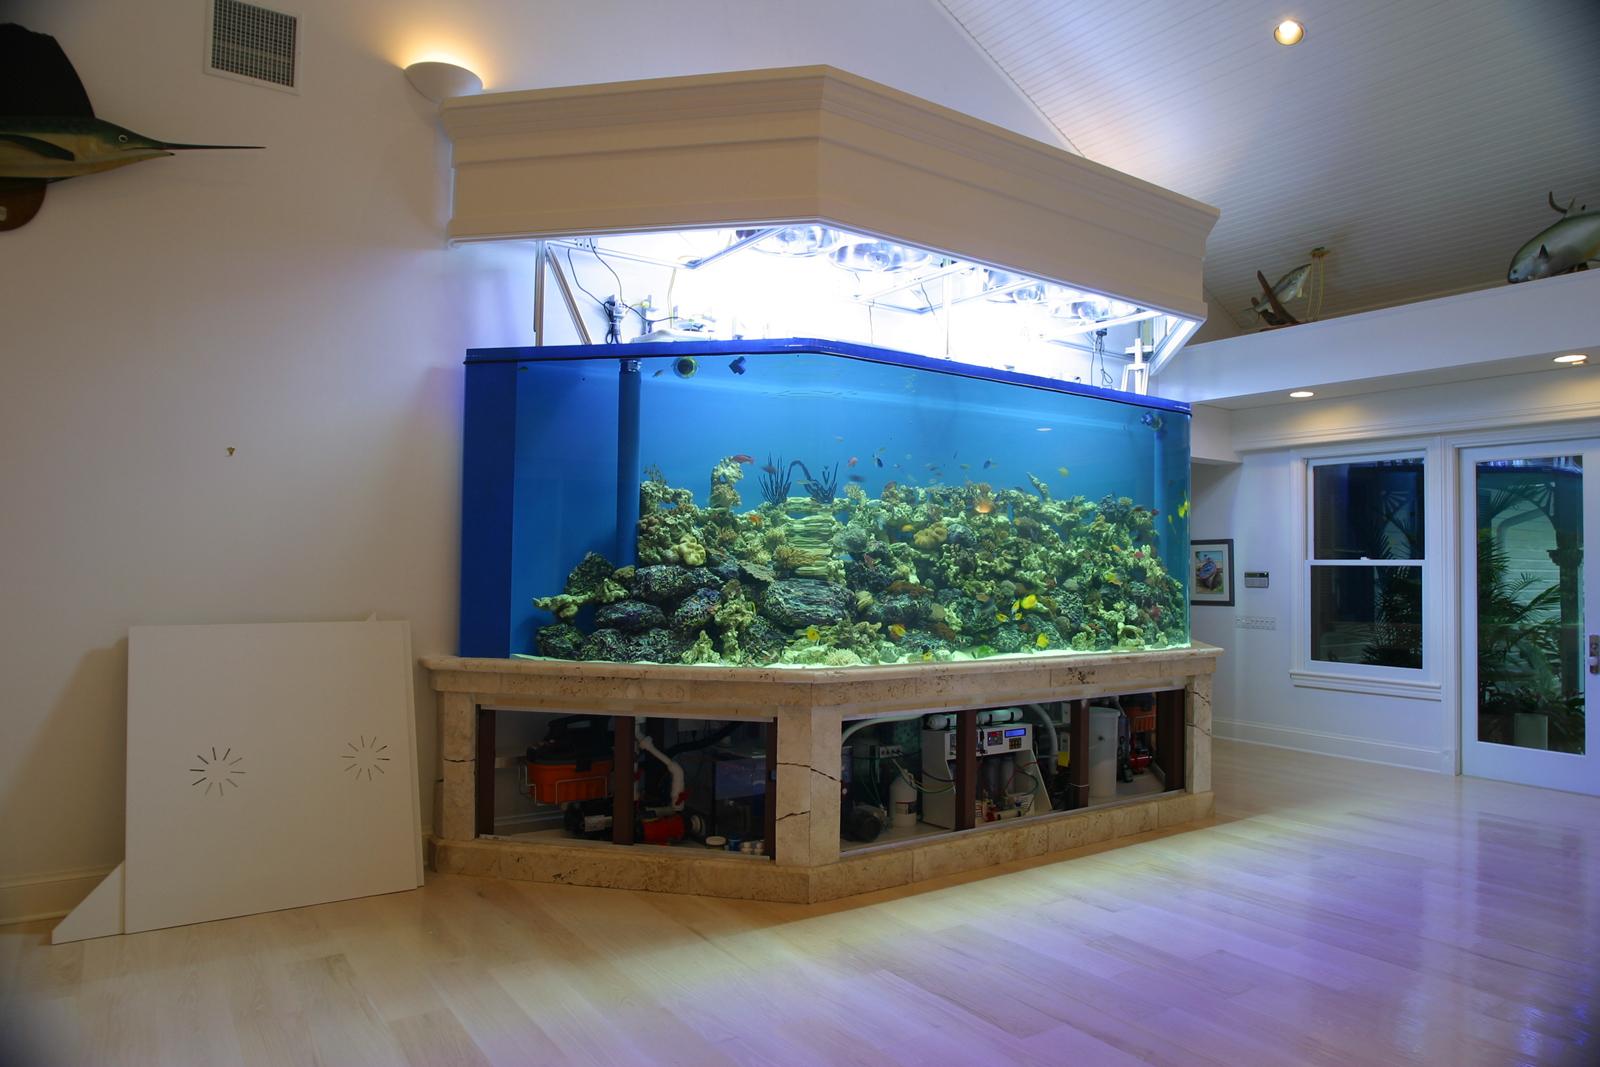 Aquarium fish tank manufacturers - See A Video Of This Aquarium Above